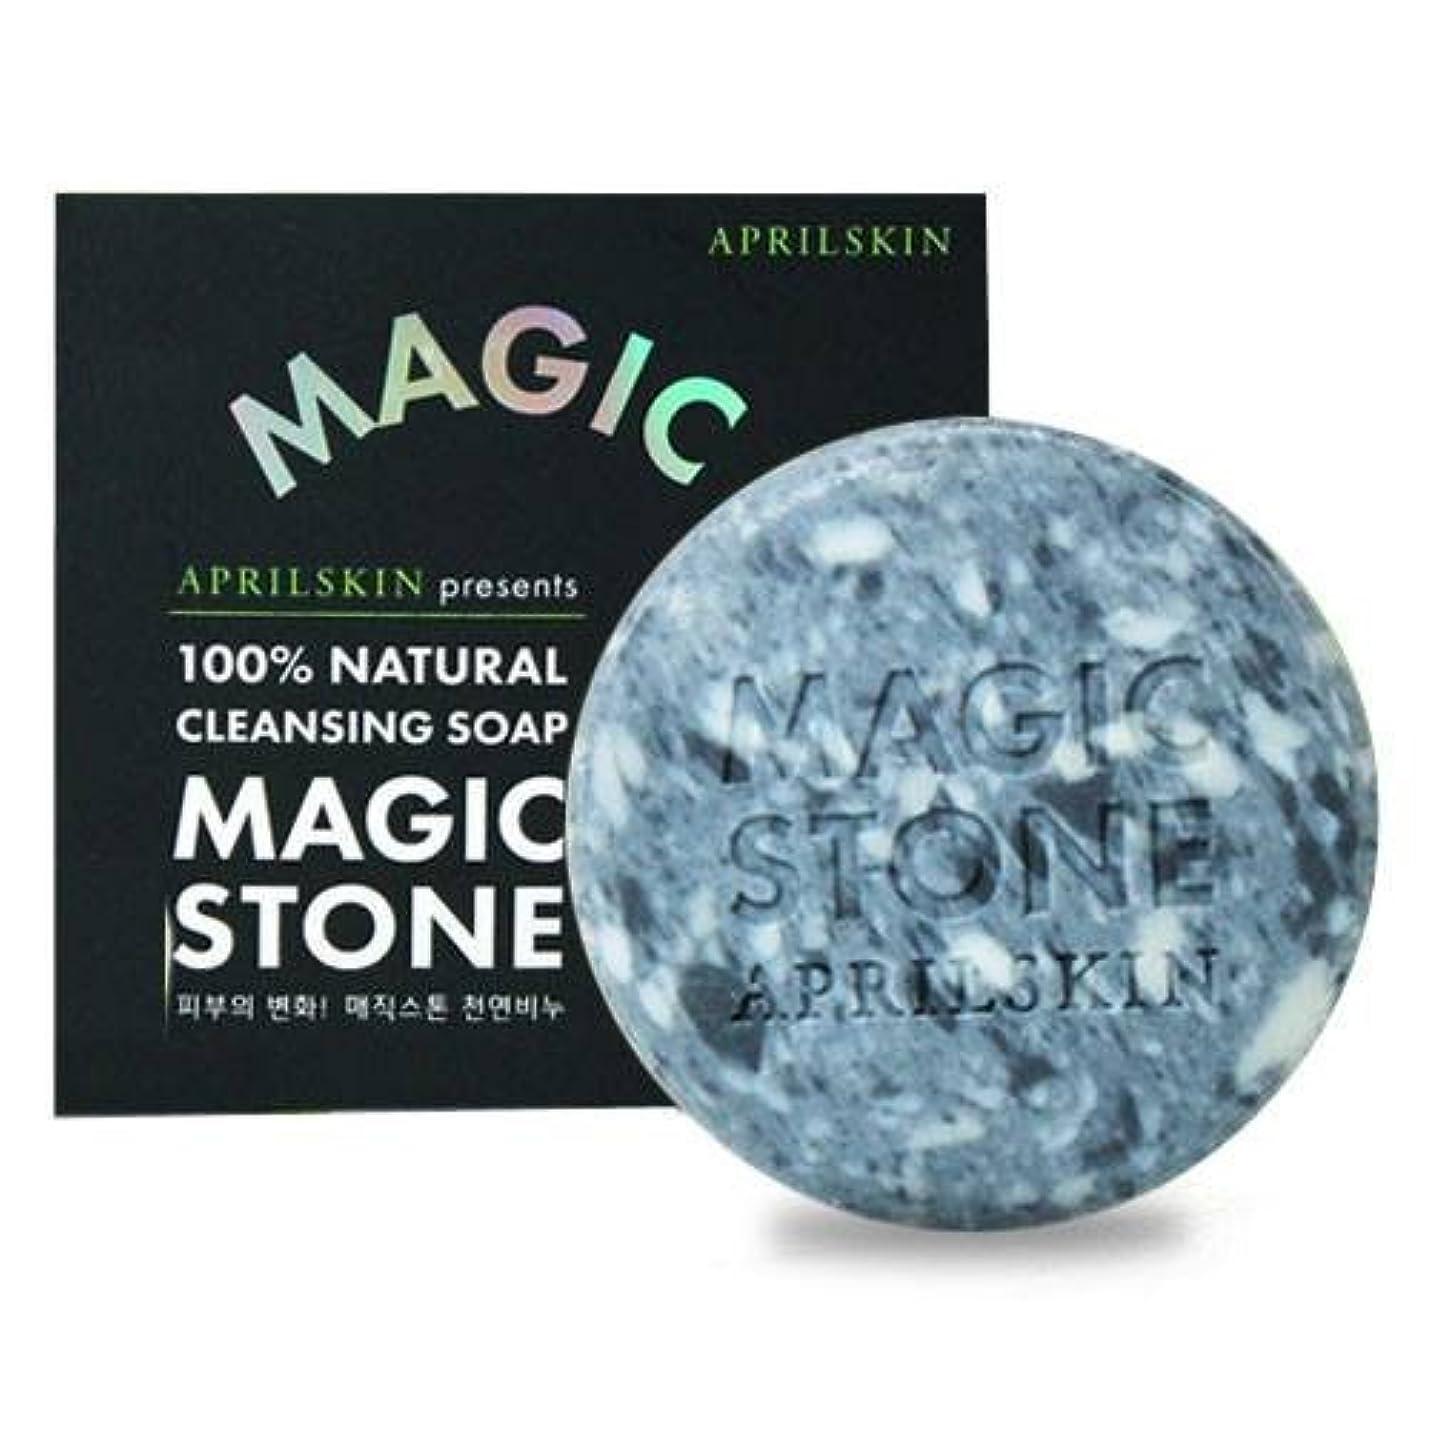 生産性不変ラベル[APRILSKIN] エイプリルスキン国民石鹸 (APRIL SKIN magic stone マジックストーンのリニューアルバージョン新発売) (ORIGINAL) [並行輸入品]